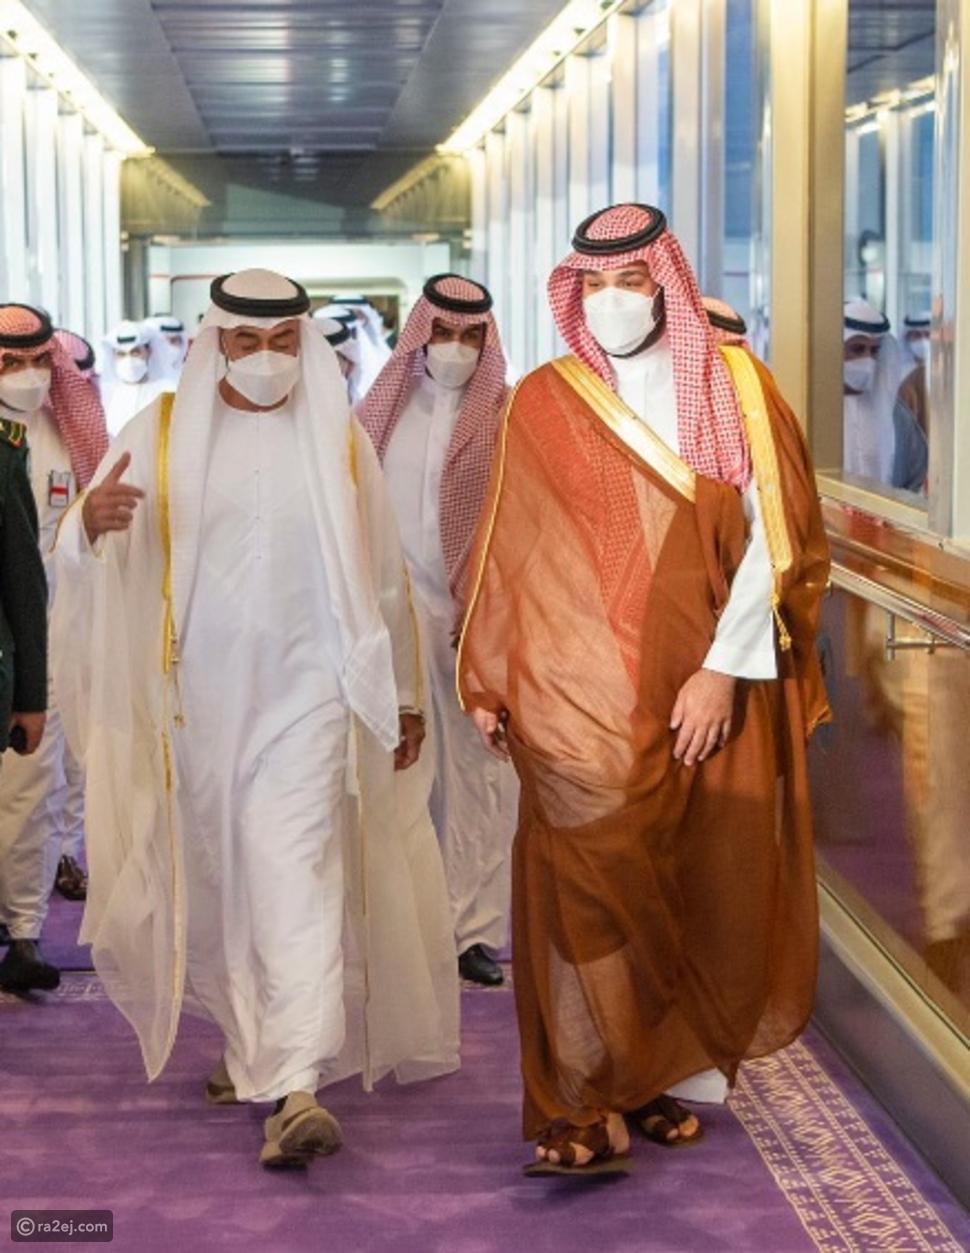 السعودية تختار اللون البنفسجي لونًا لسجاد مراسم استقبال ضيوفها